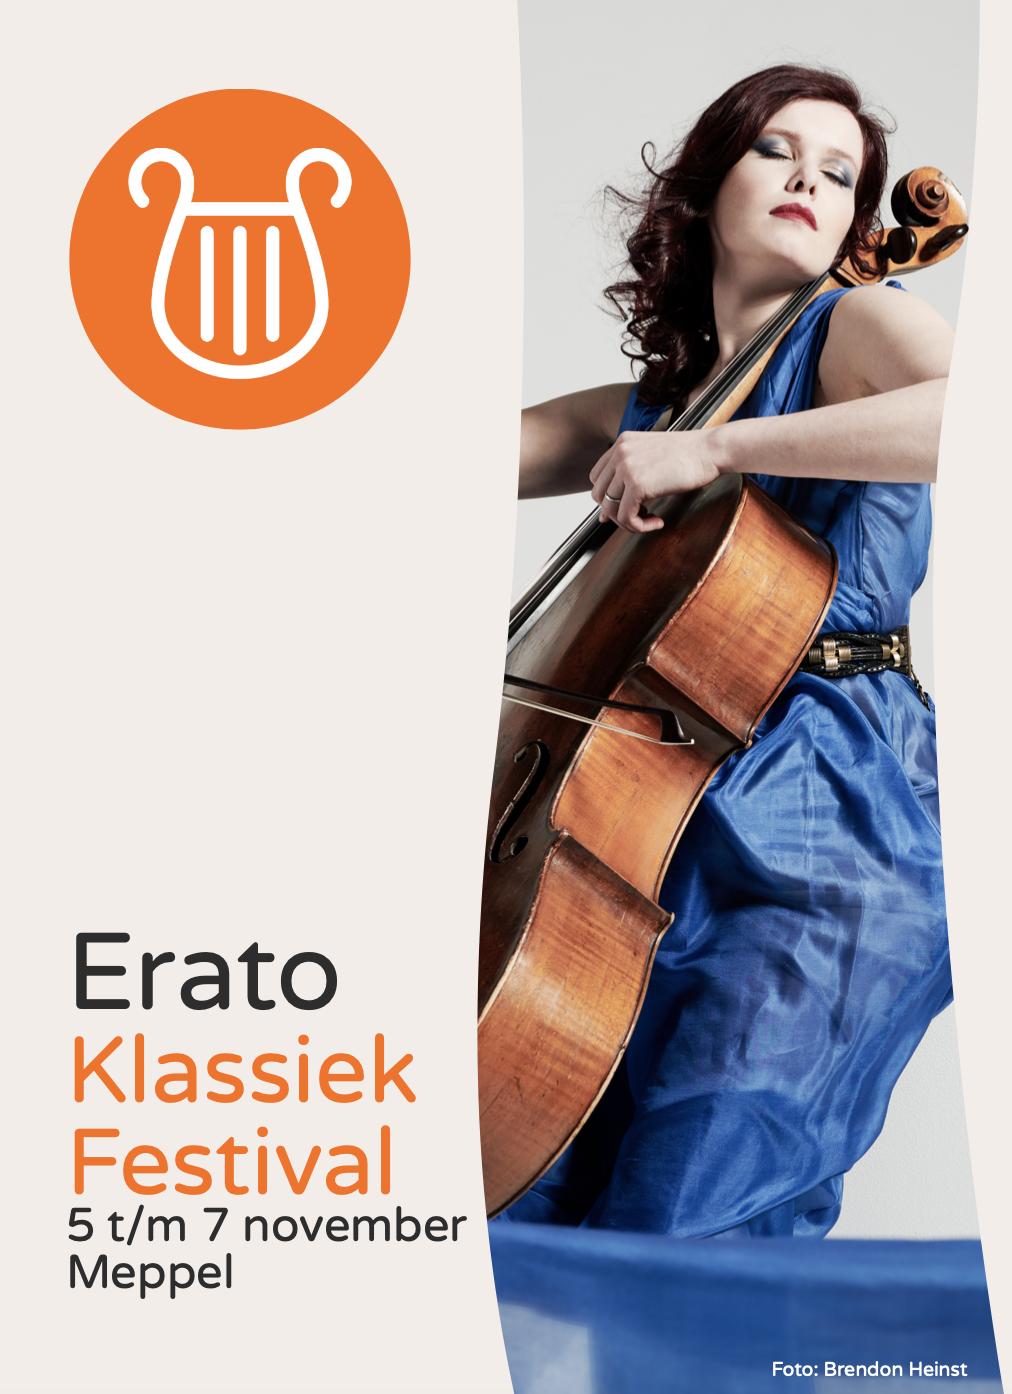 Erato festival